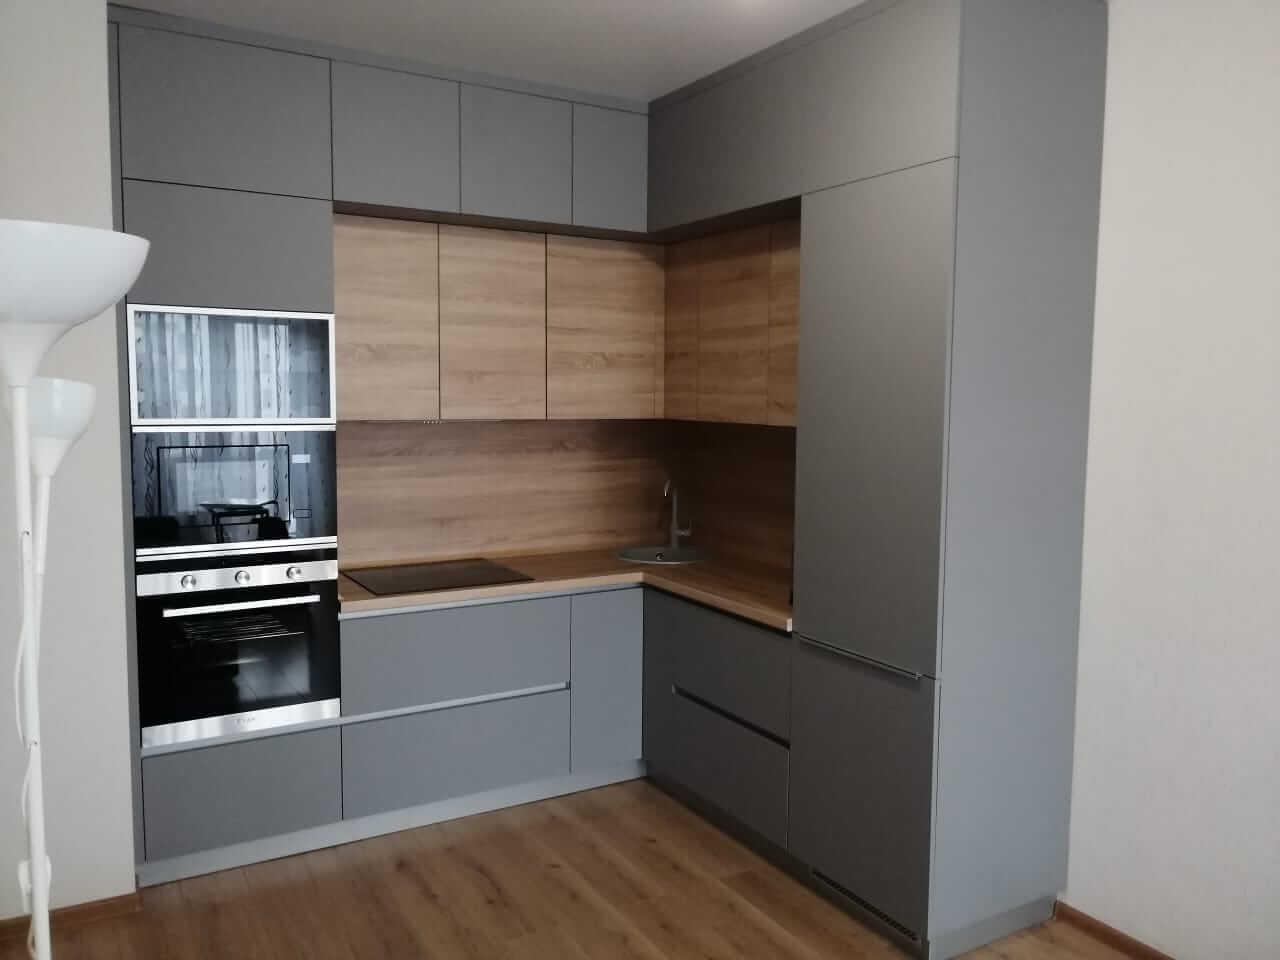 Третье фото Угловая кухня серая с деревом под потолок